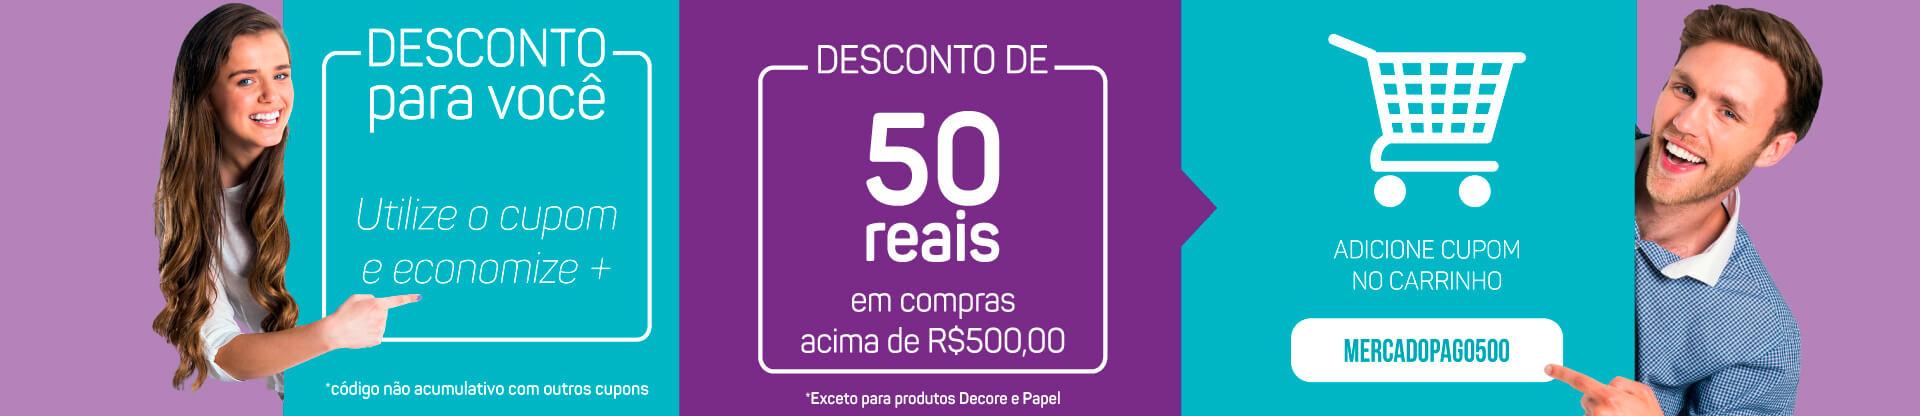 Banner Desconto 50 reais